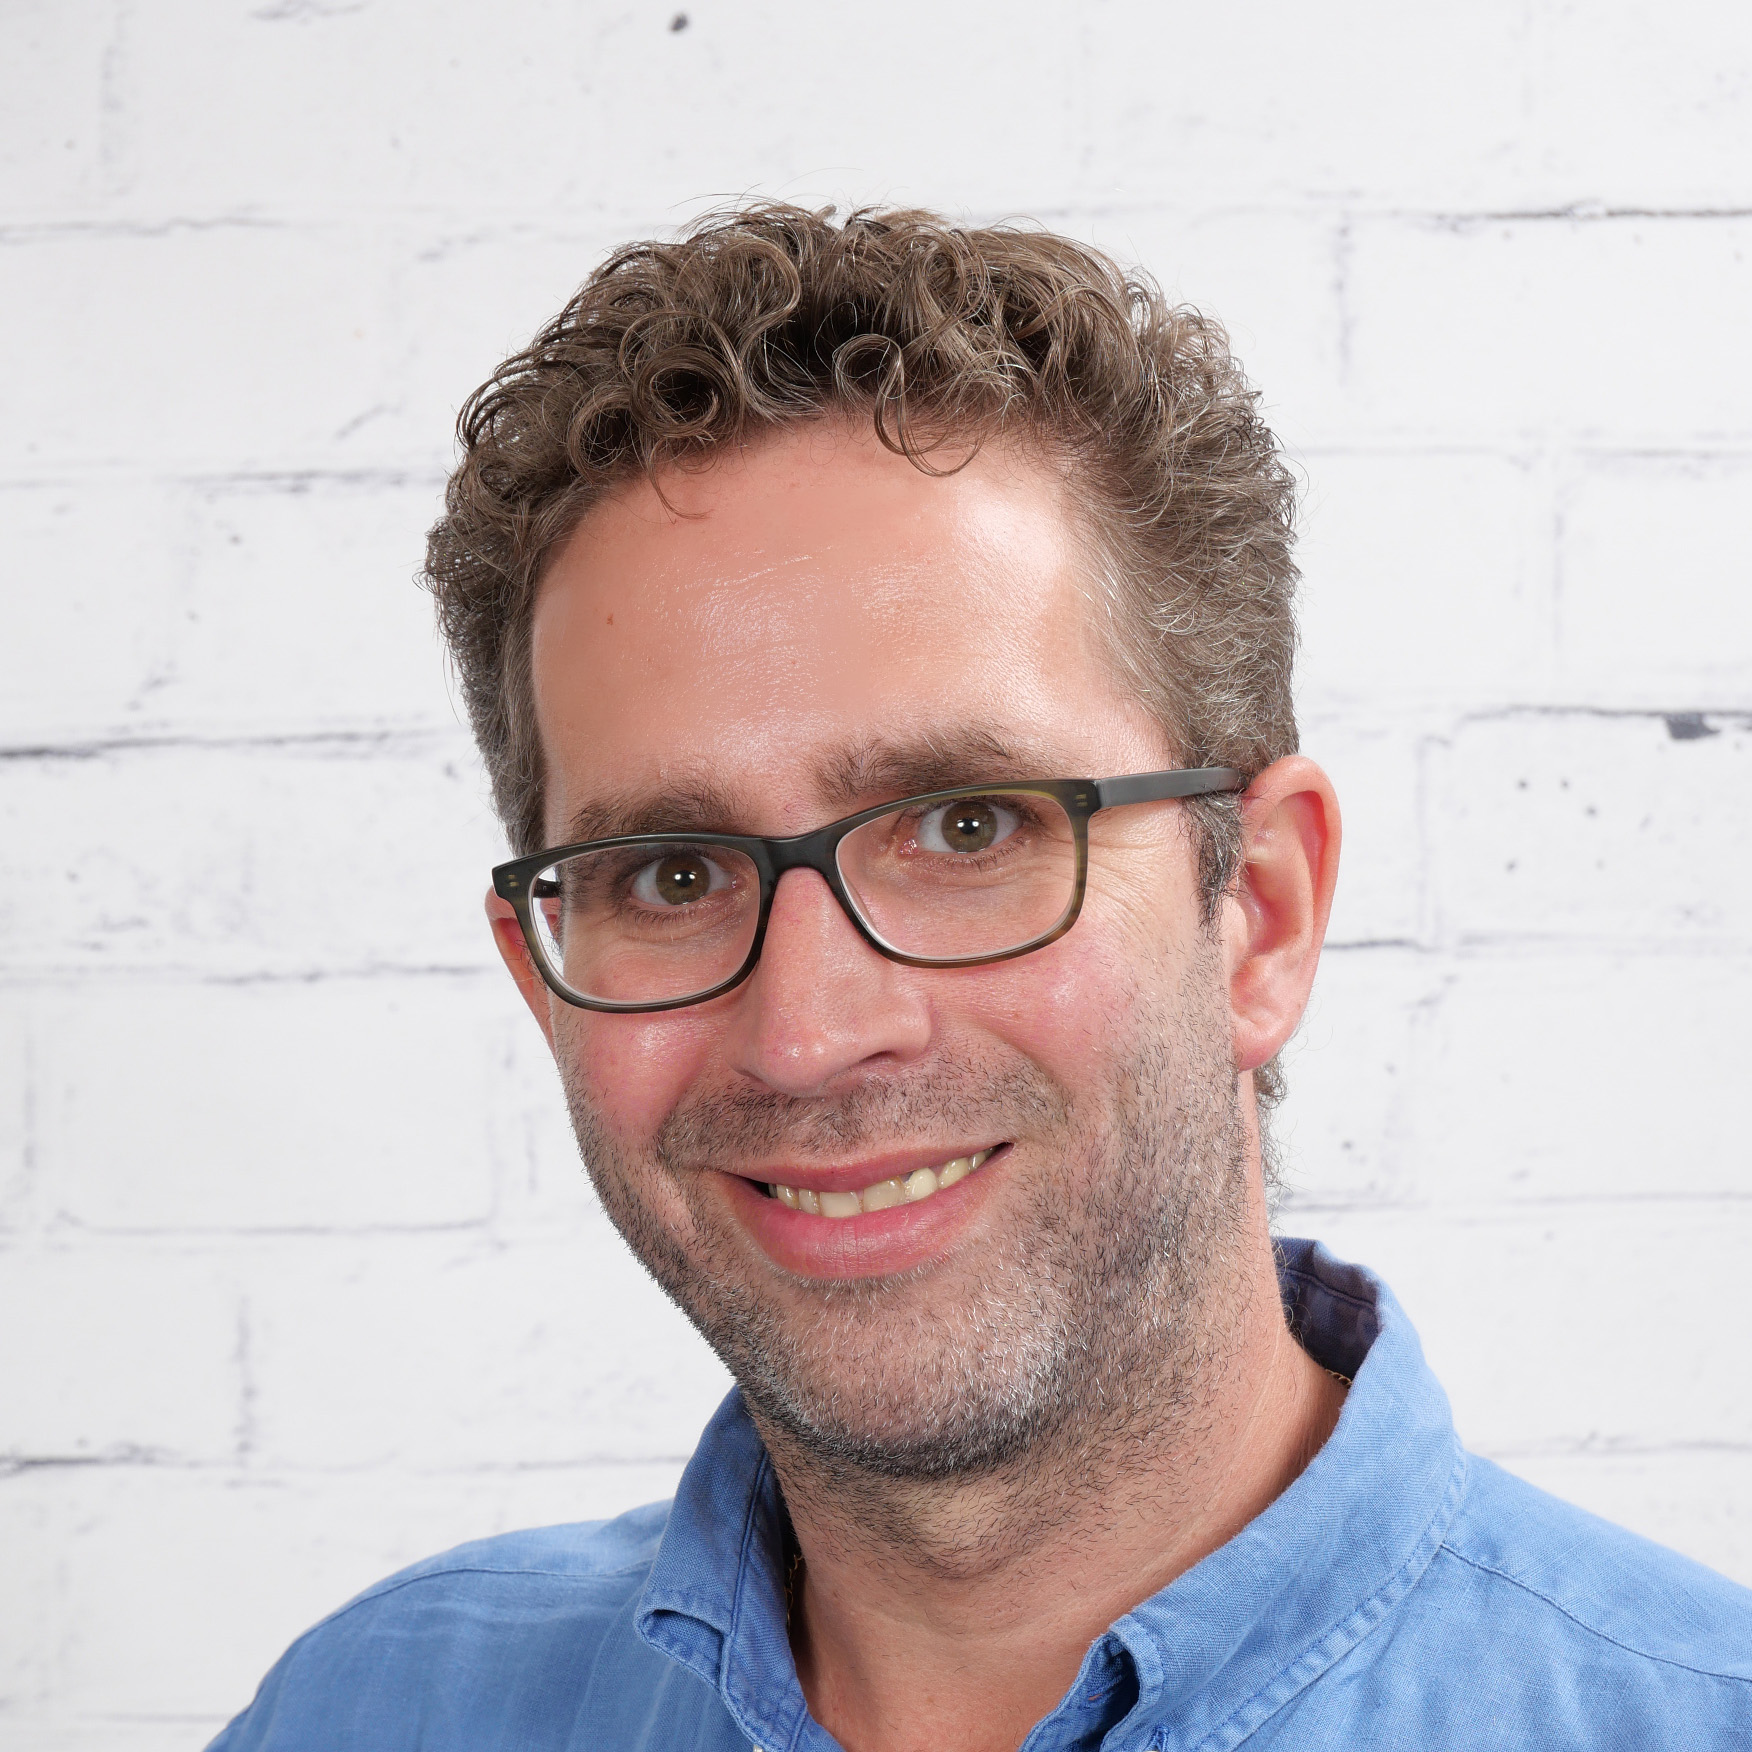 Profilbild von Tim Neuhaus